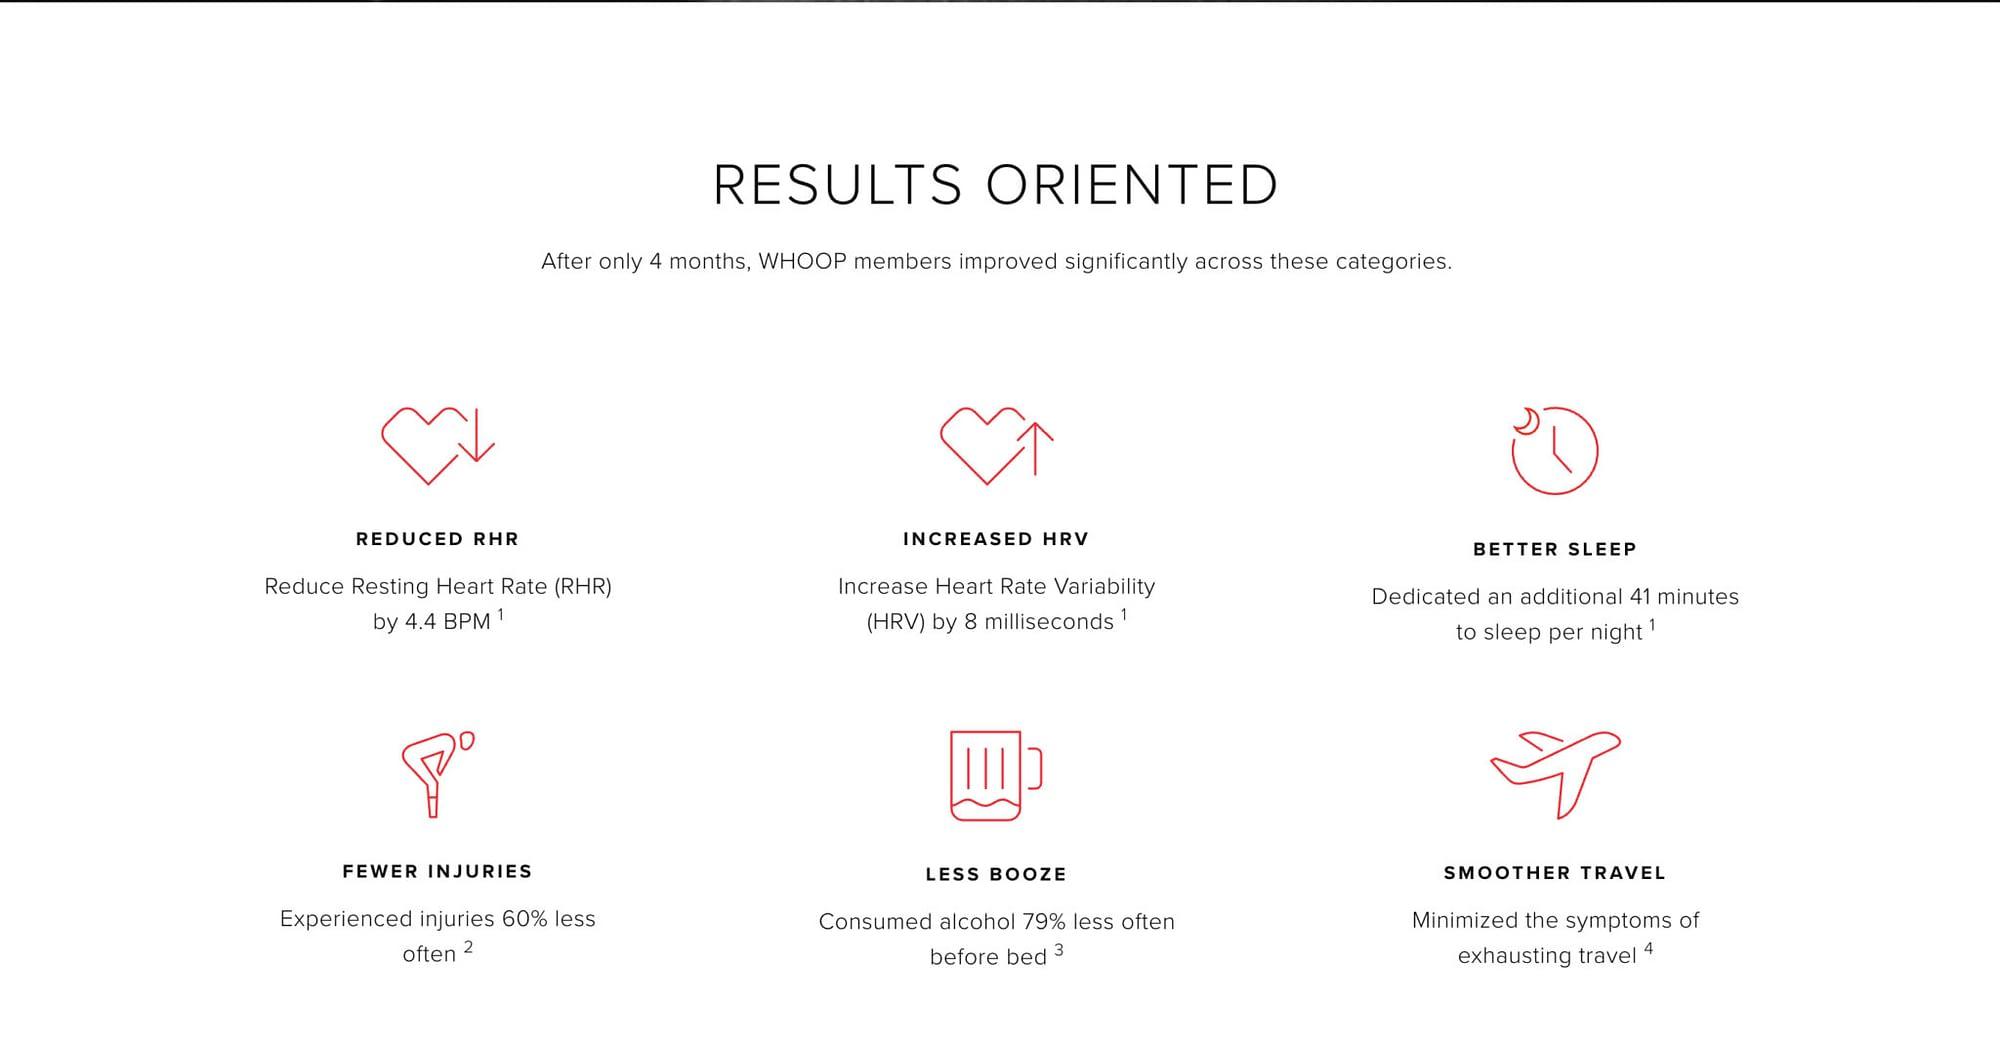 WHOOP Results